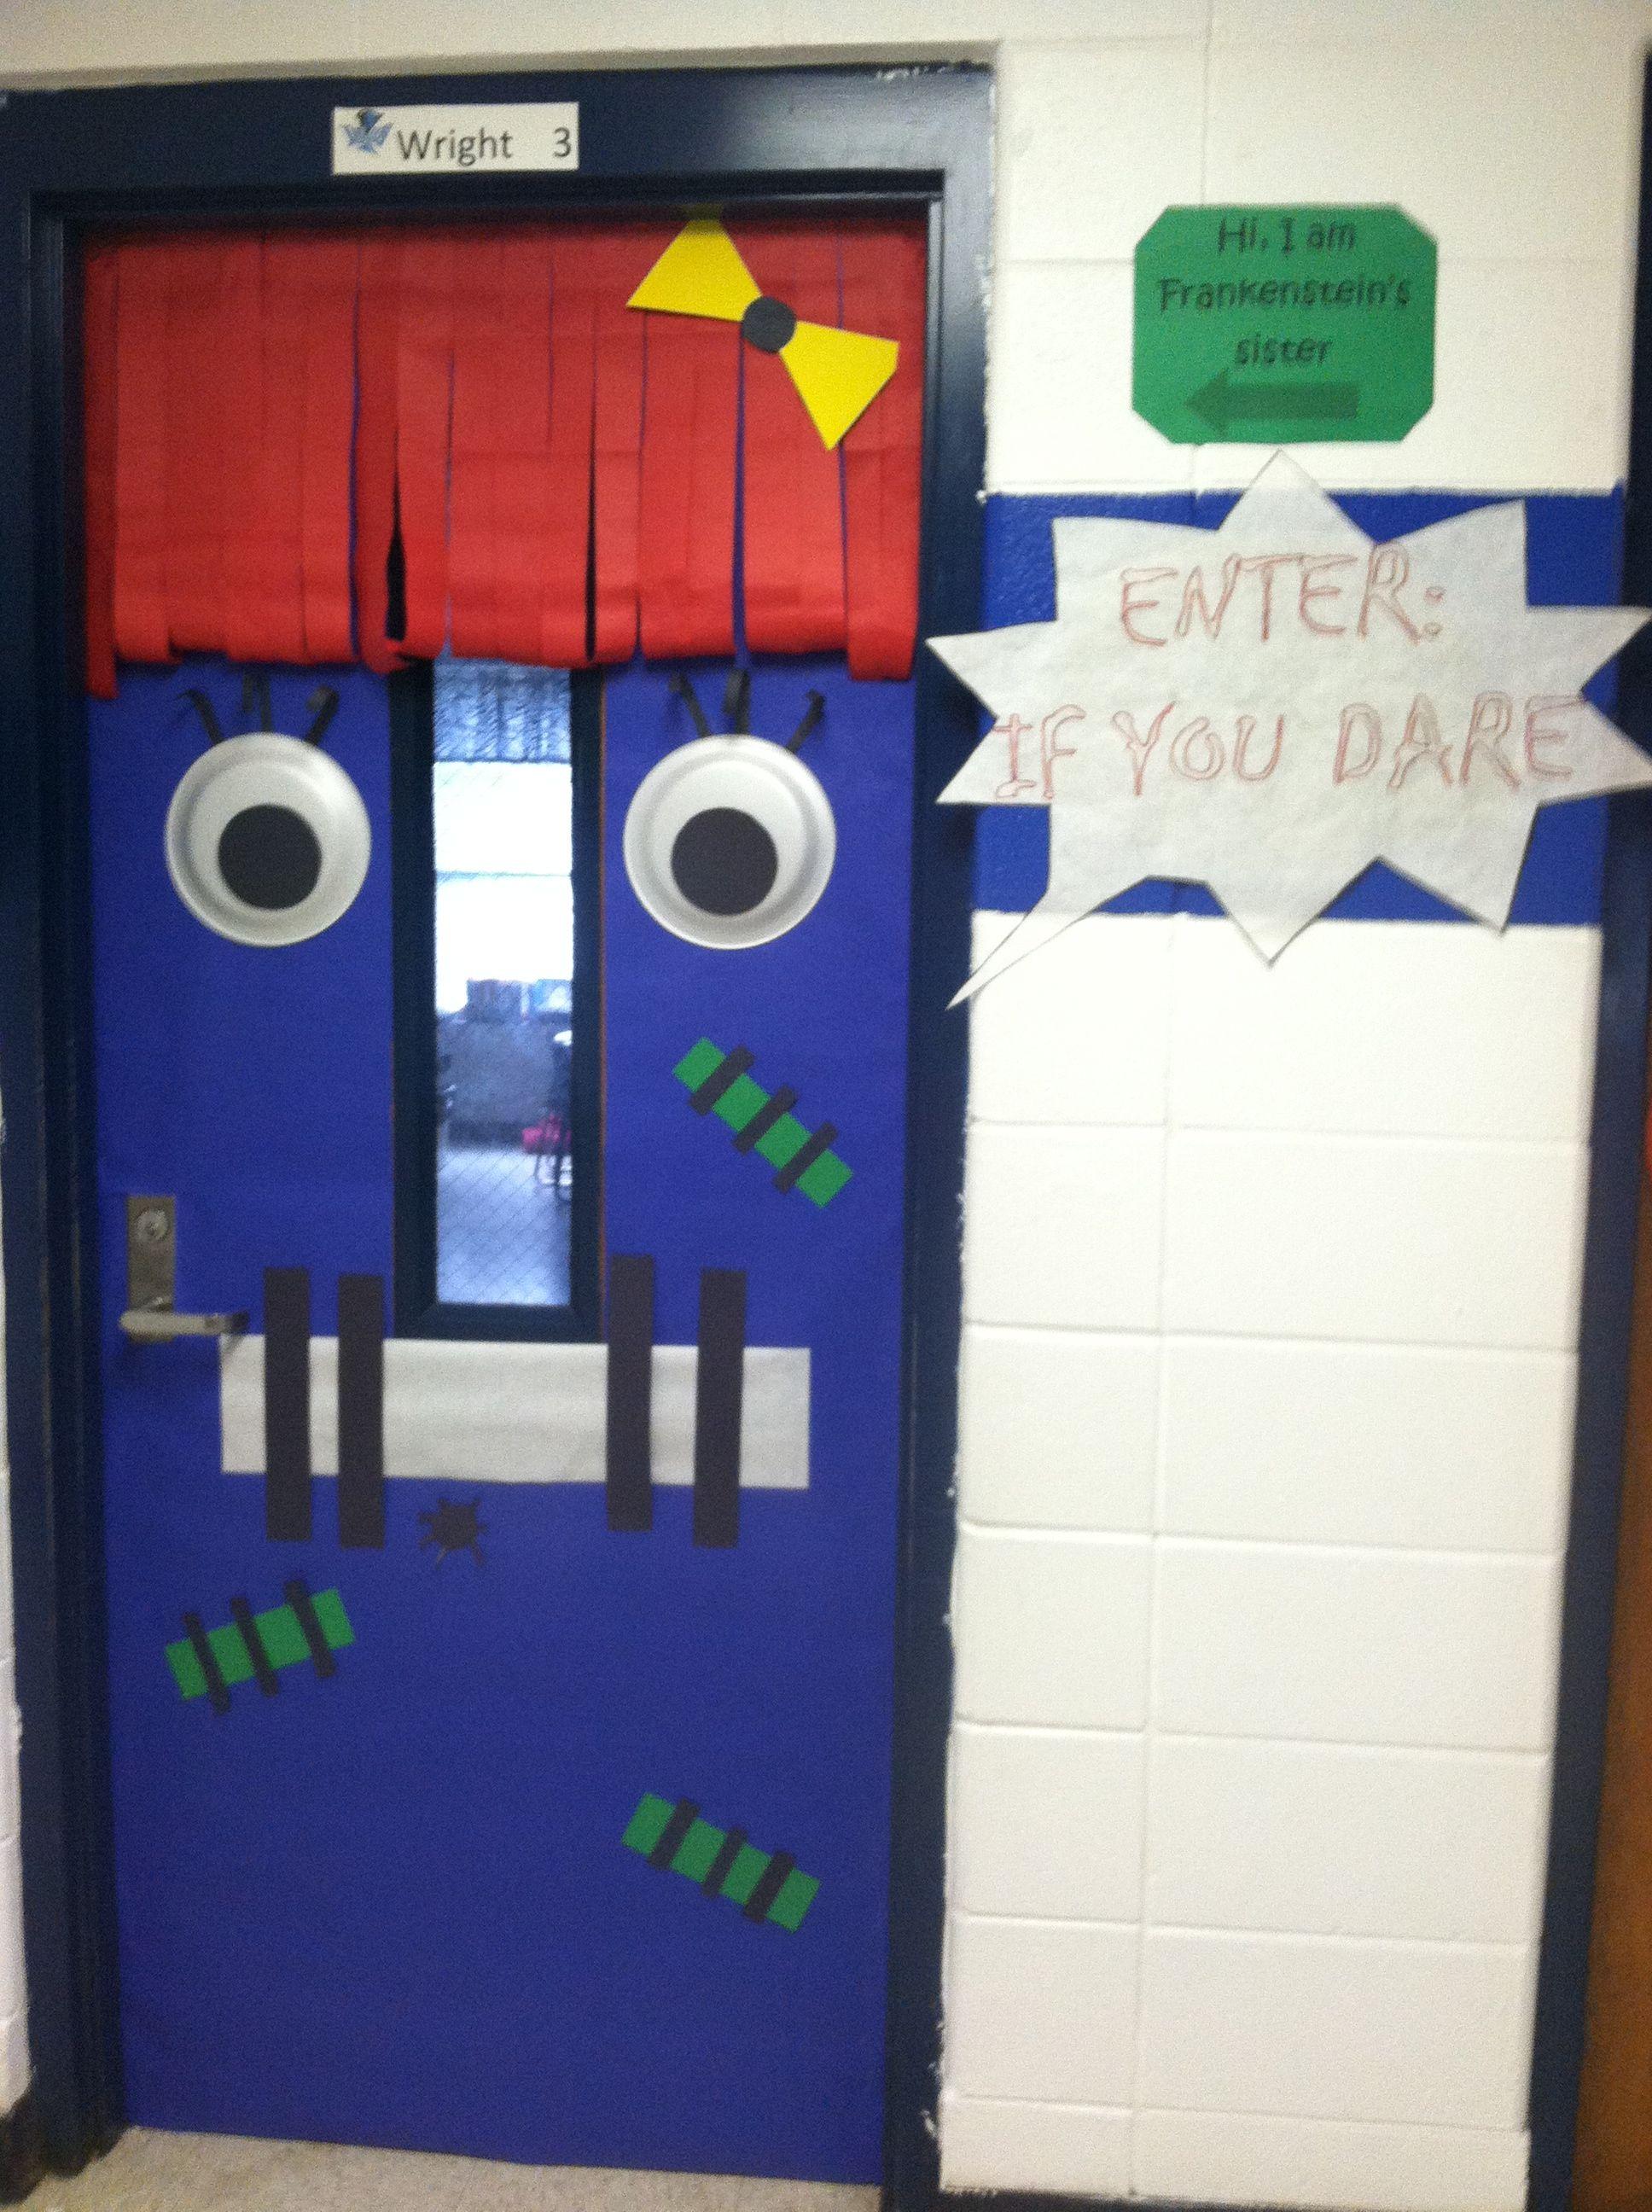 My classroom door for Halloween. Itu0027s Frankensteinu0027s sister! & My classroom door for Halloween. Itu0027s Frankensteinu0027s sister!!! | My ...